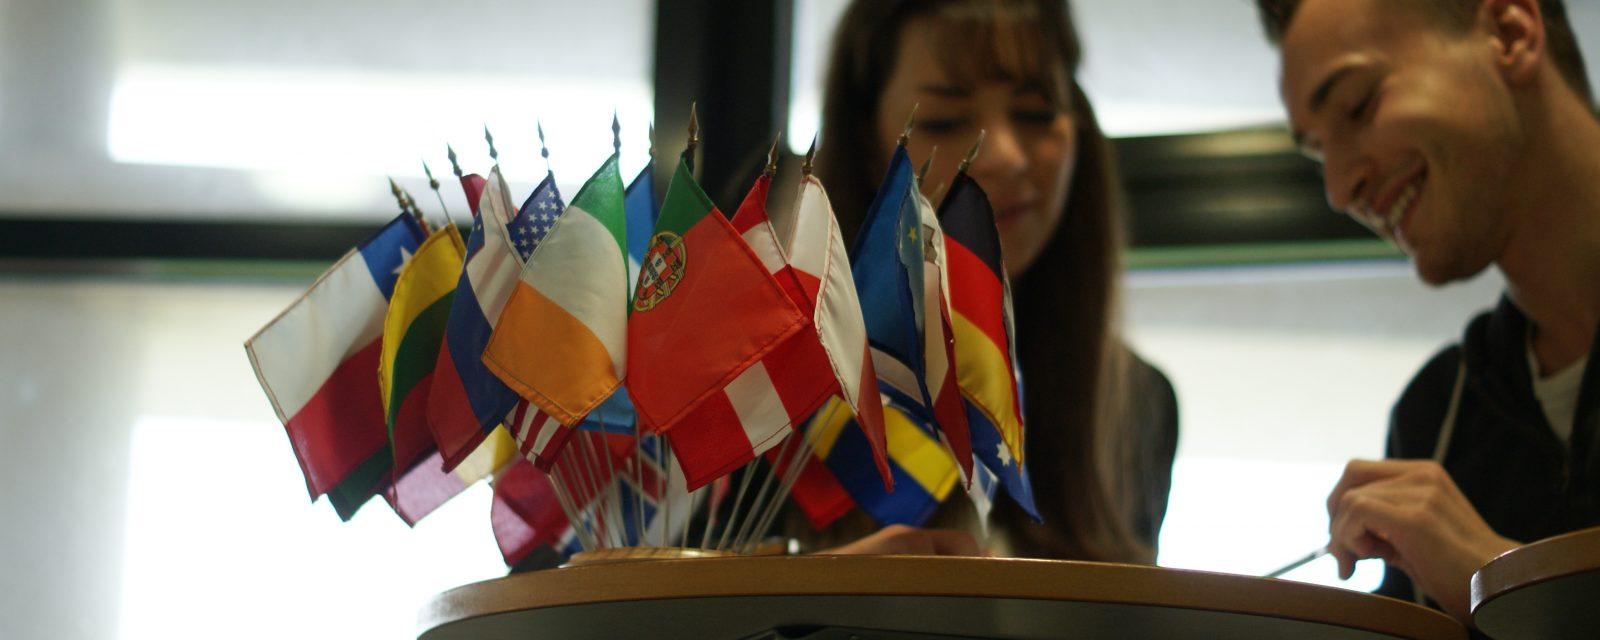 départ international universite